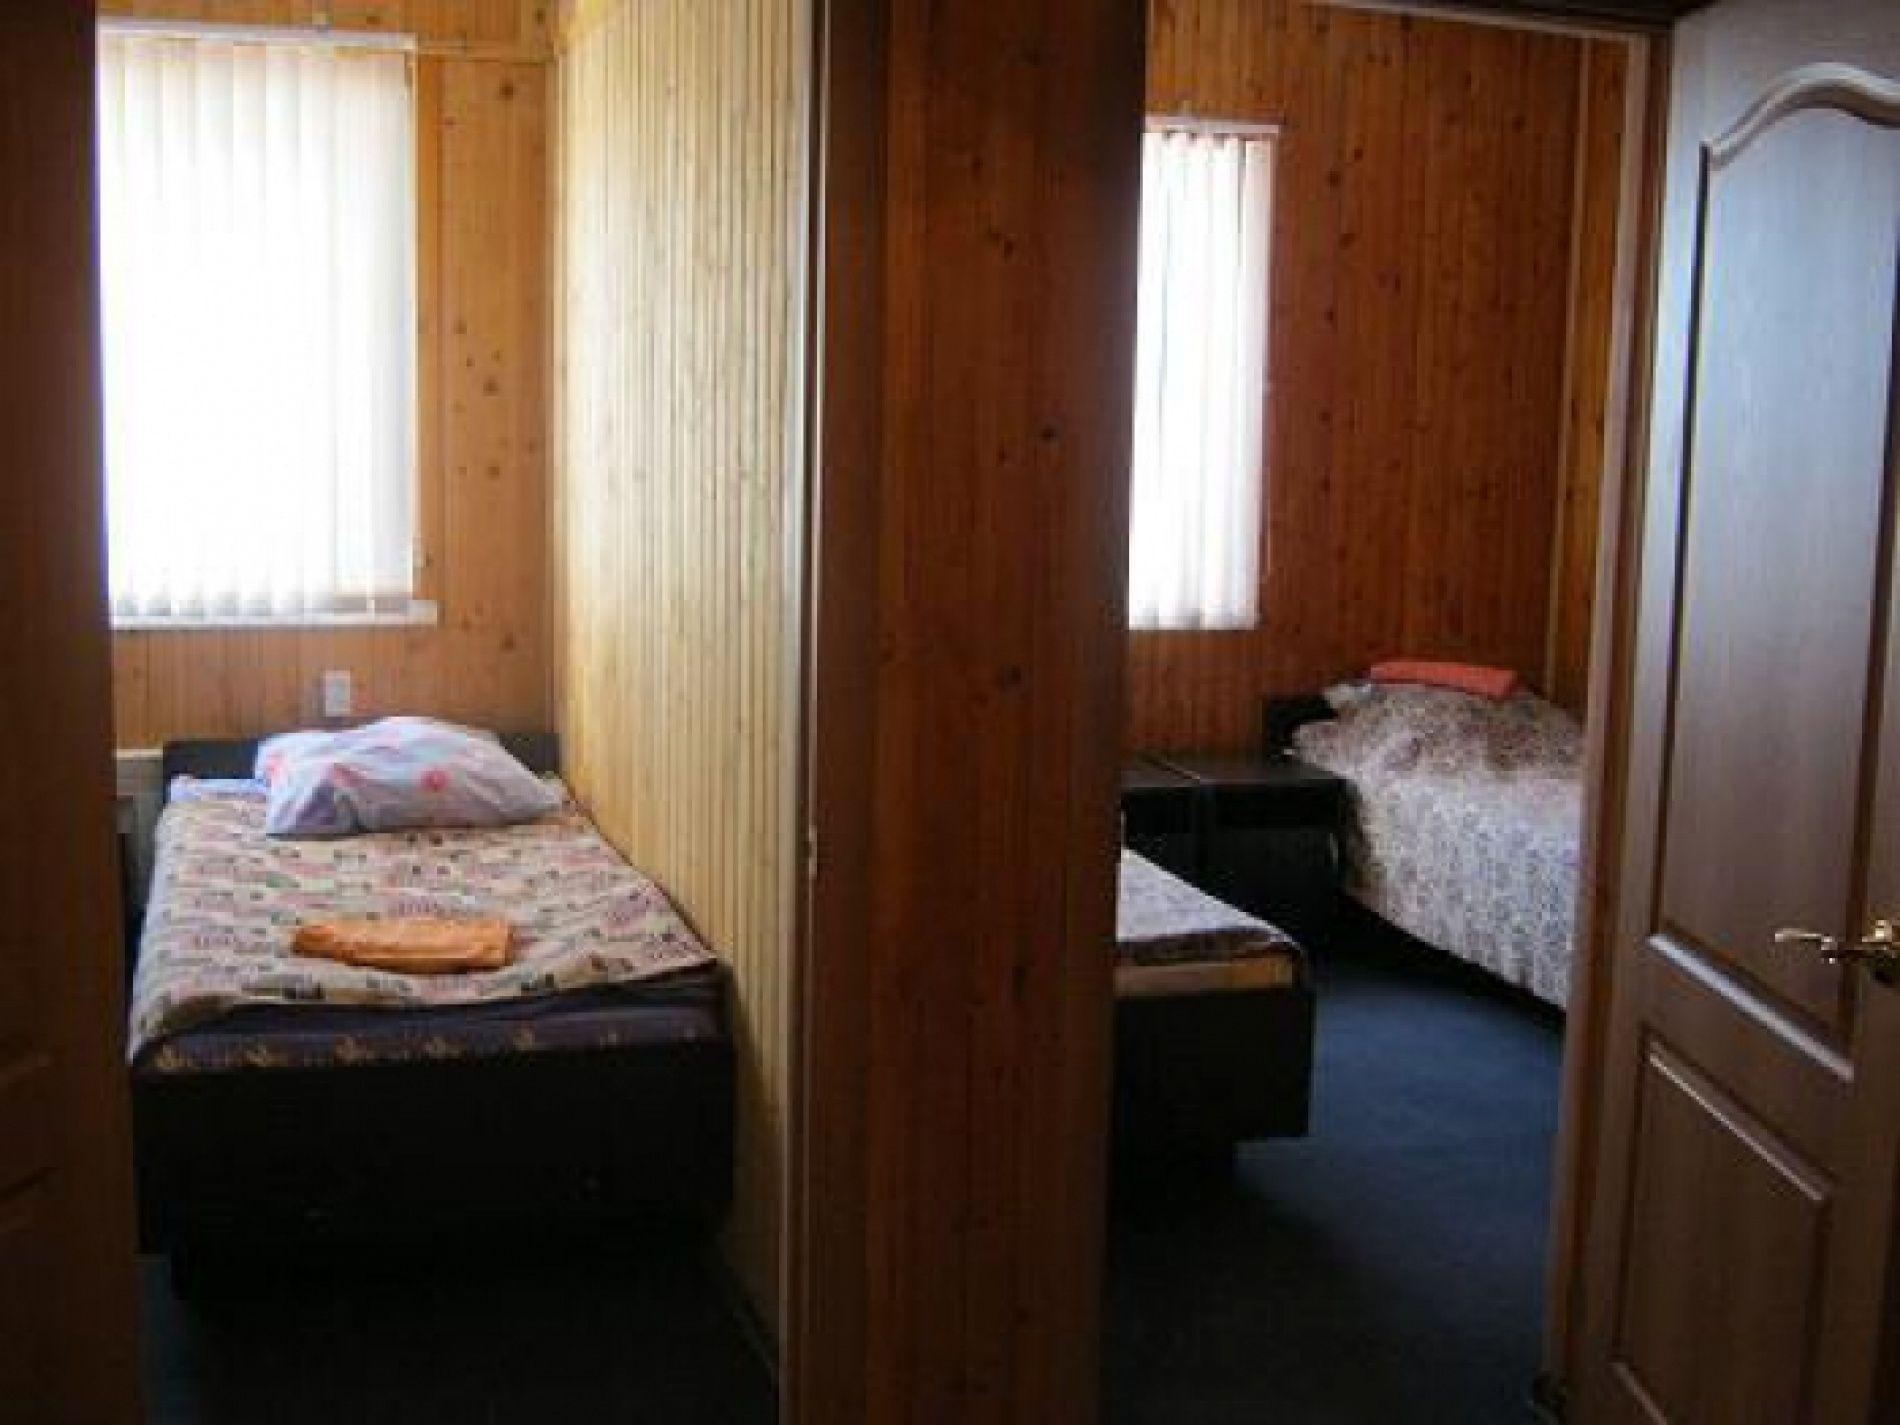 """База отдыха """"Клёвый берег"""" Астраханская область 3-комнатный 4-местный номер (2+2) стандарт, фото 8"""